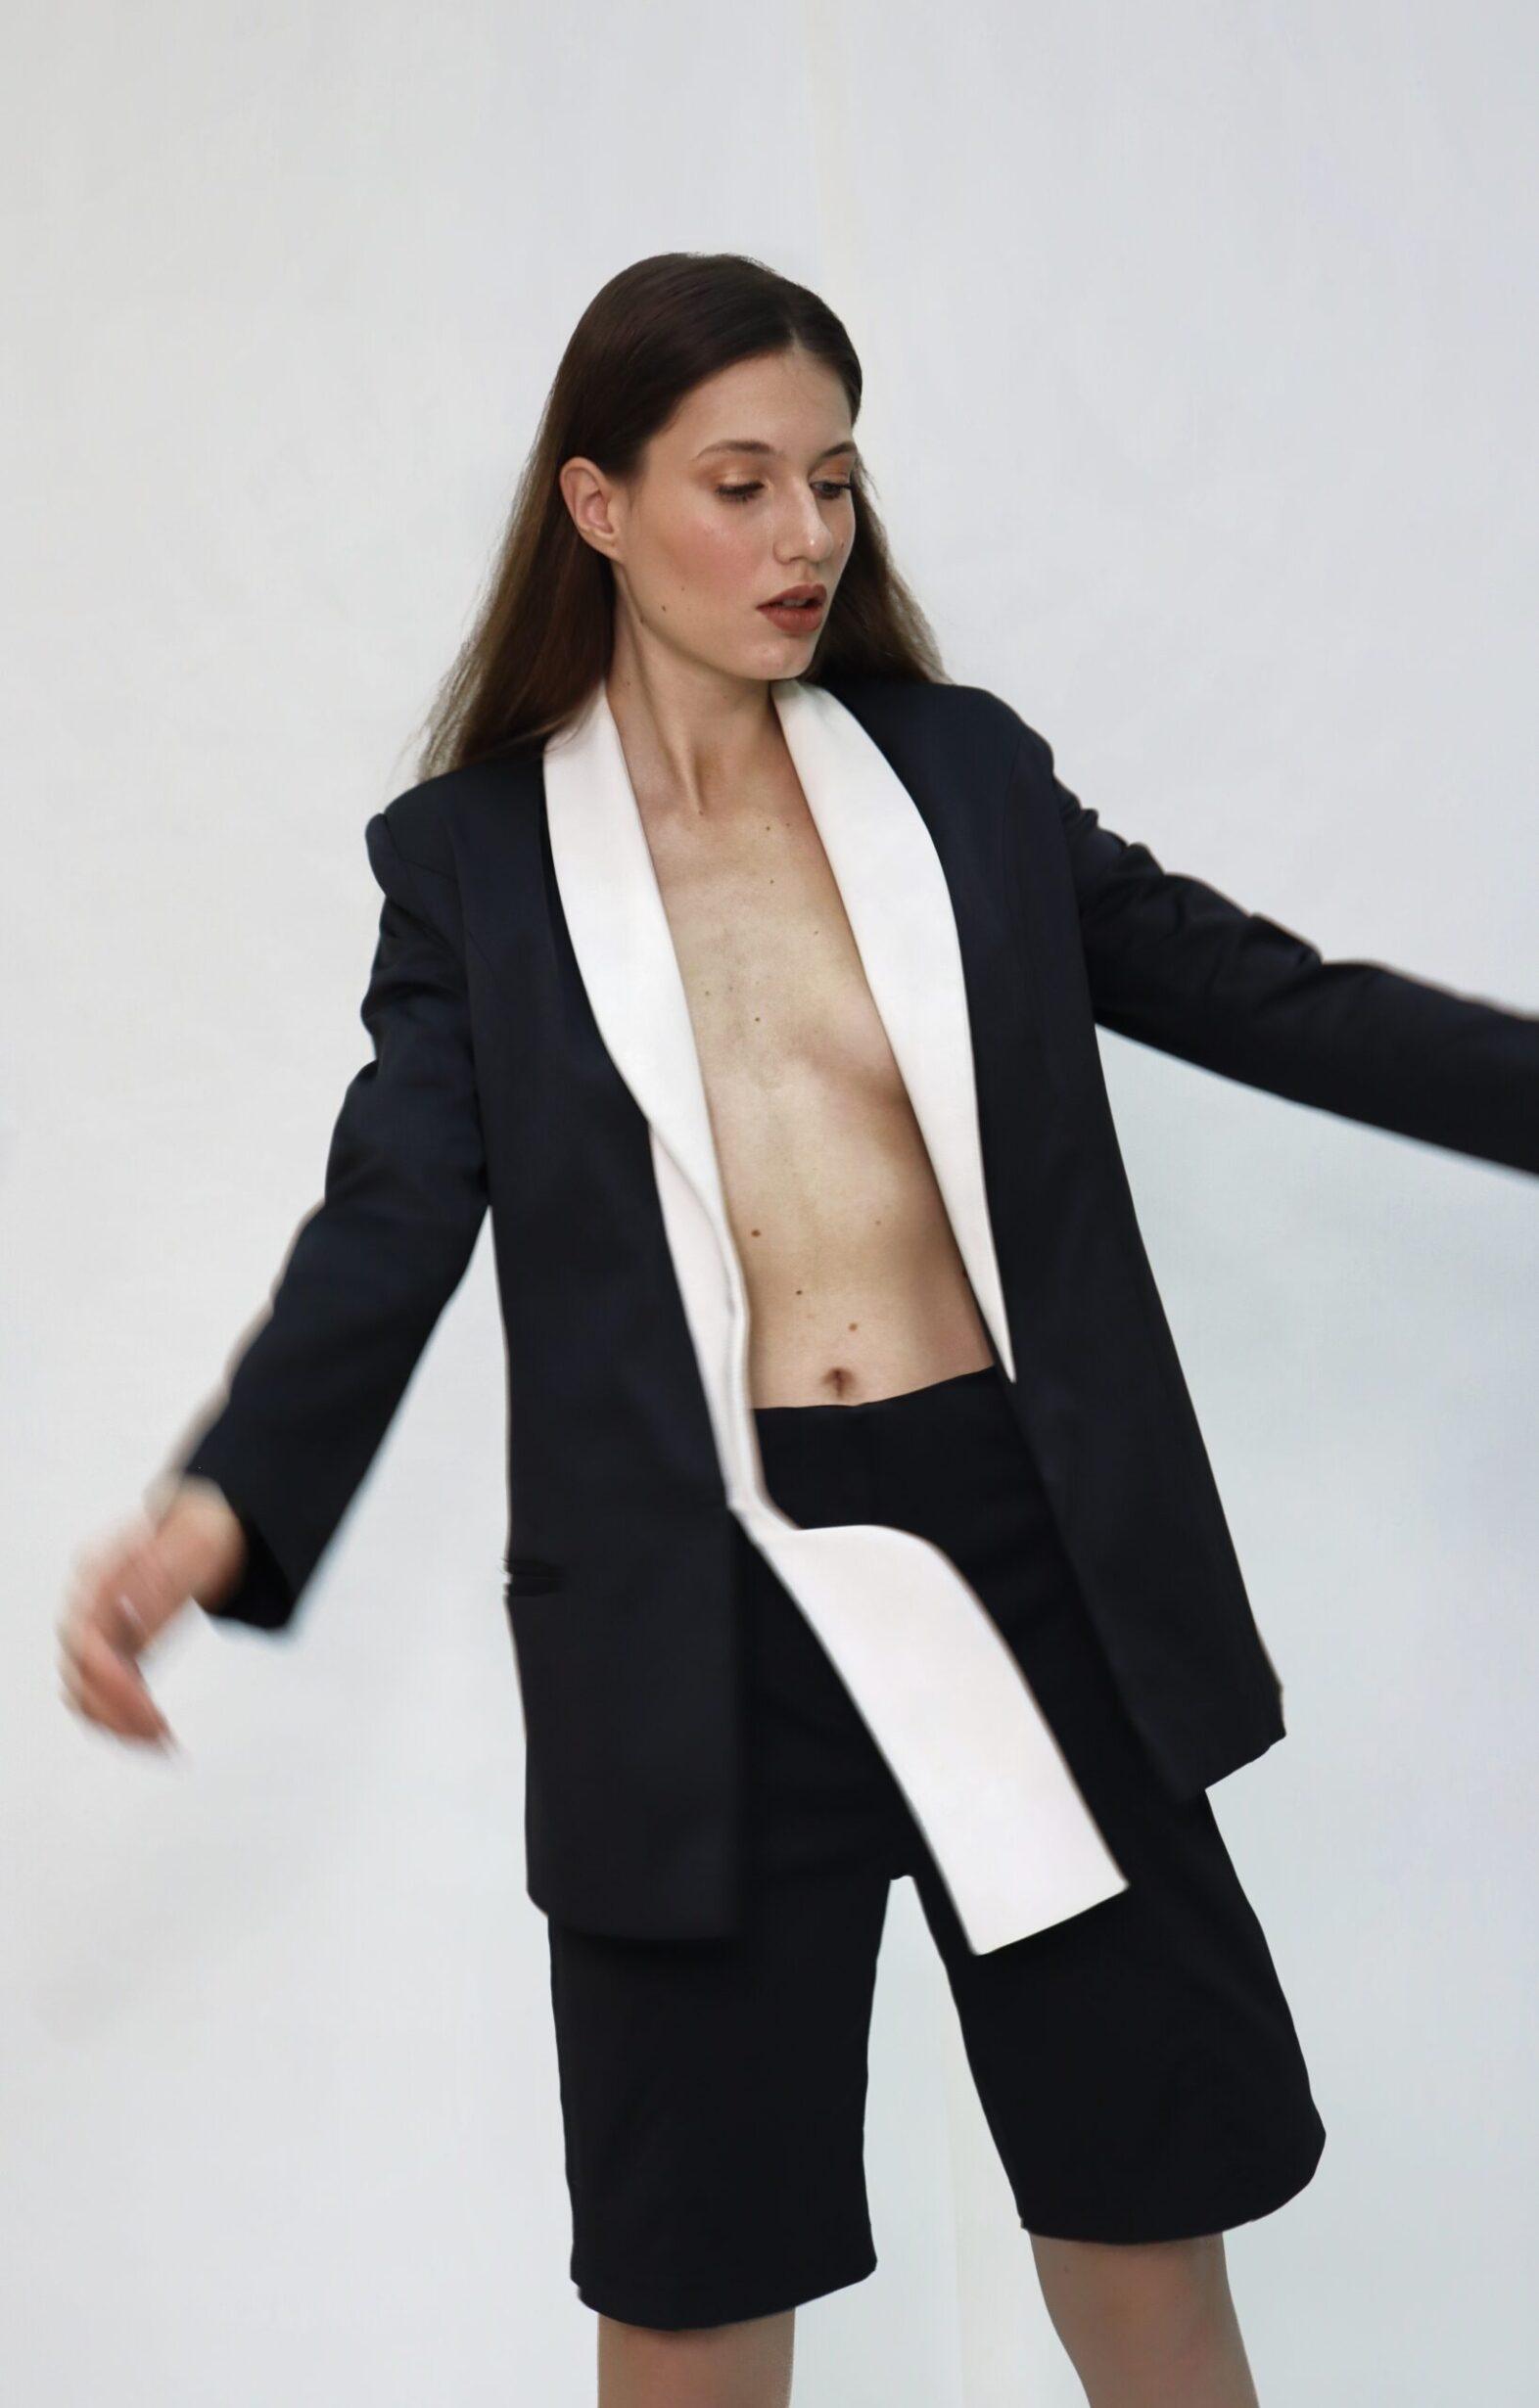 Bw Suit